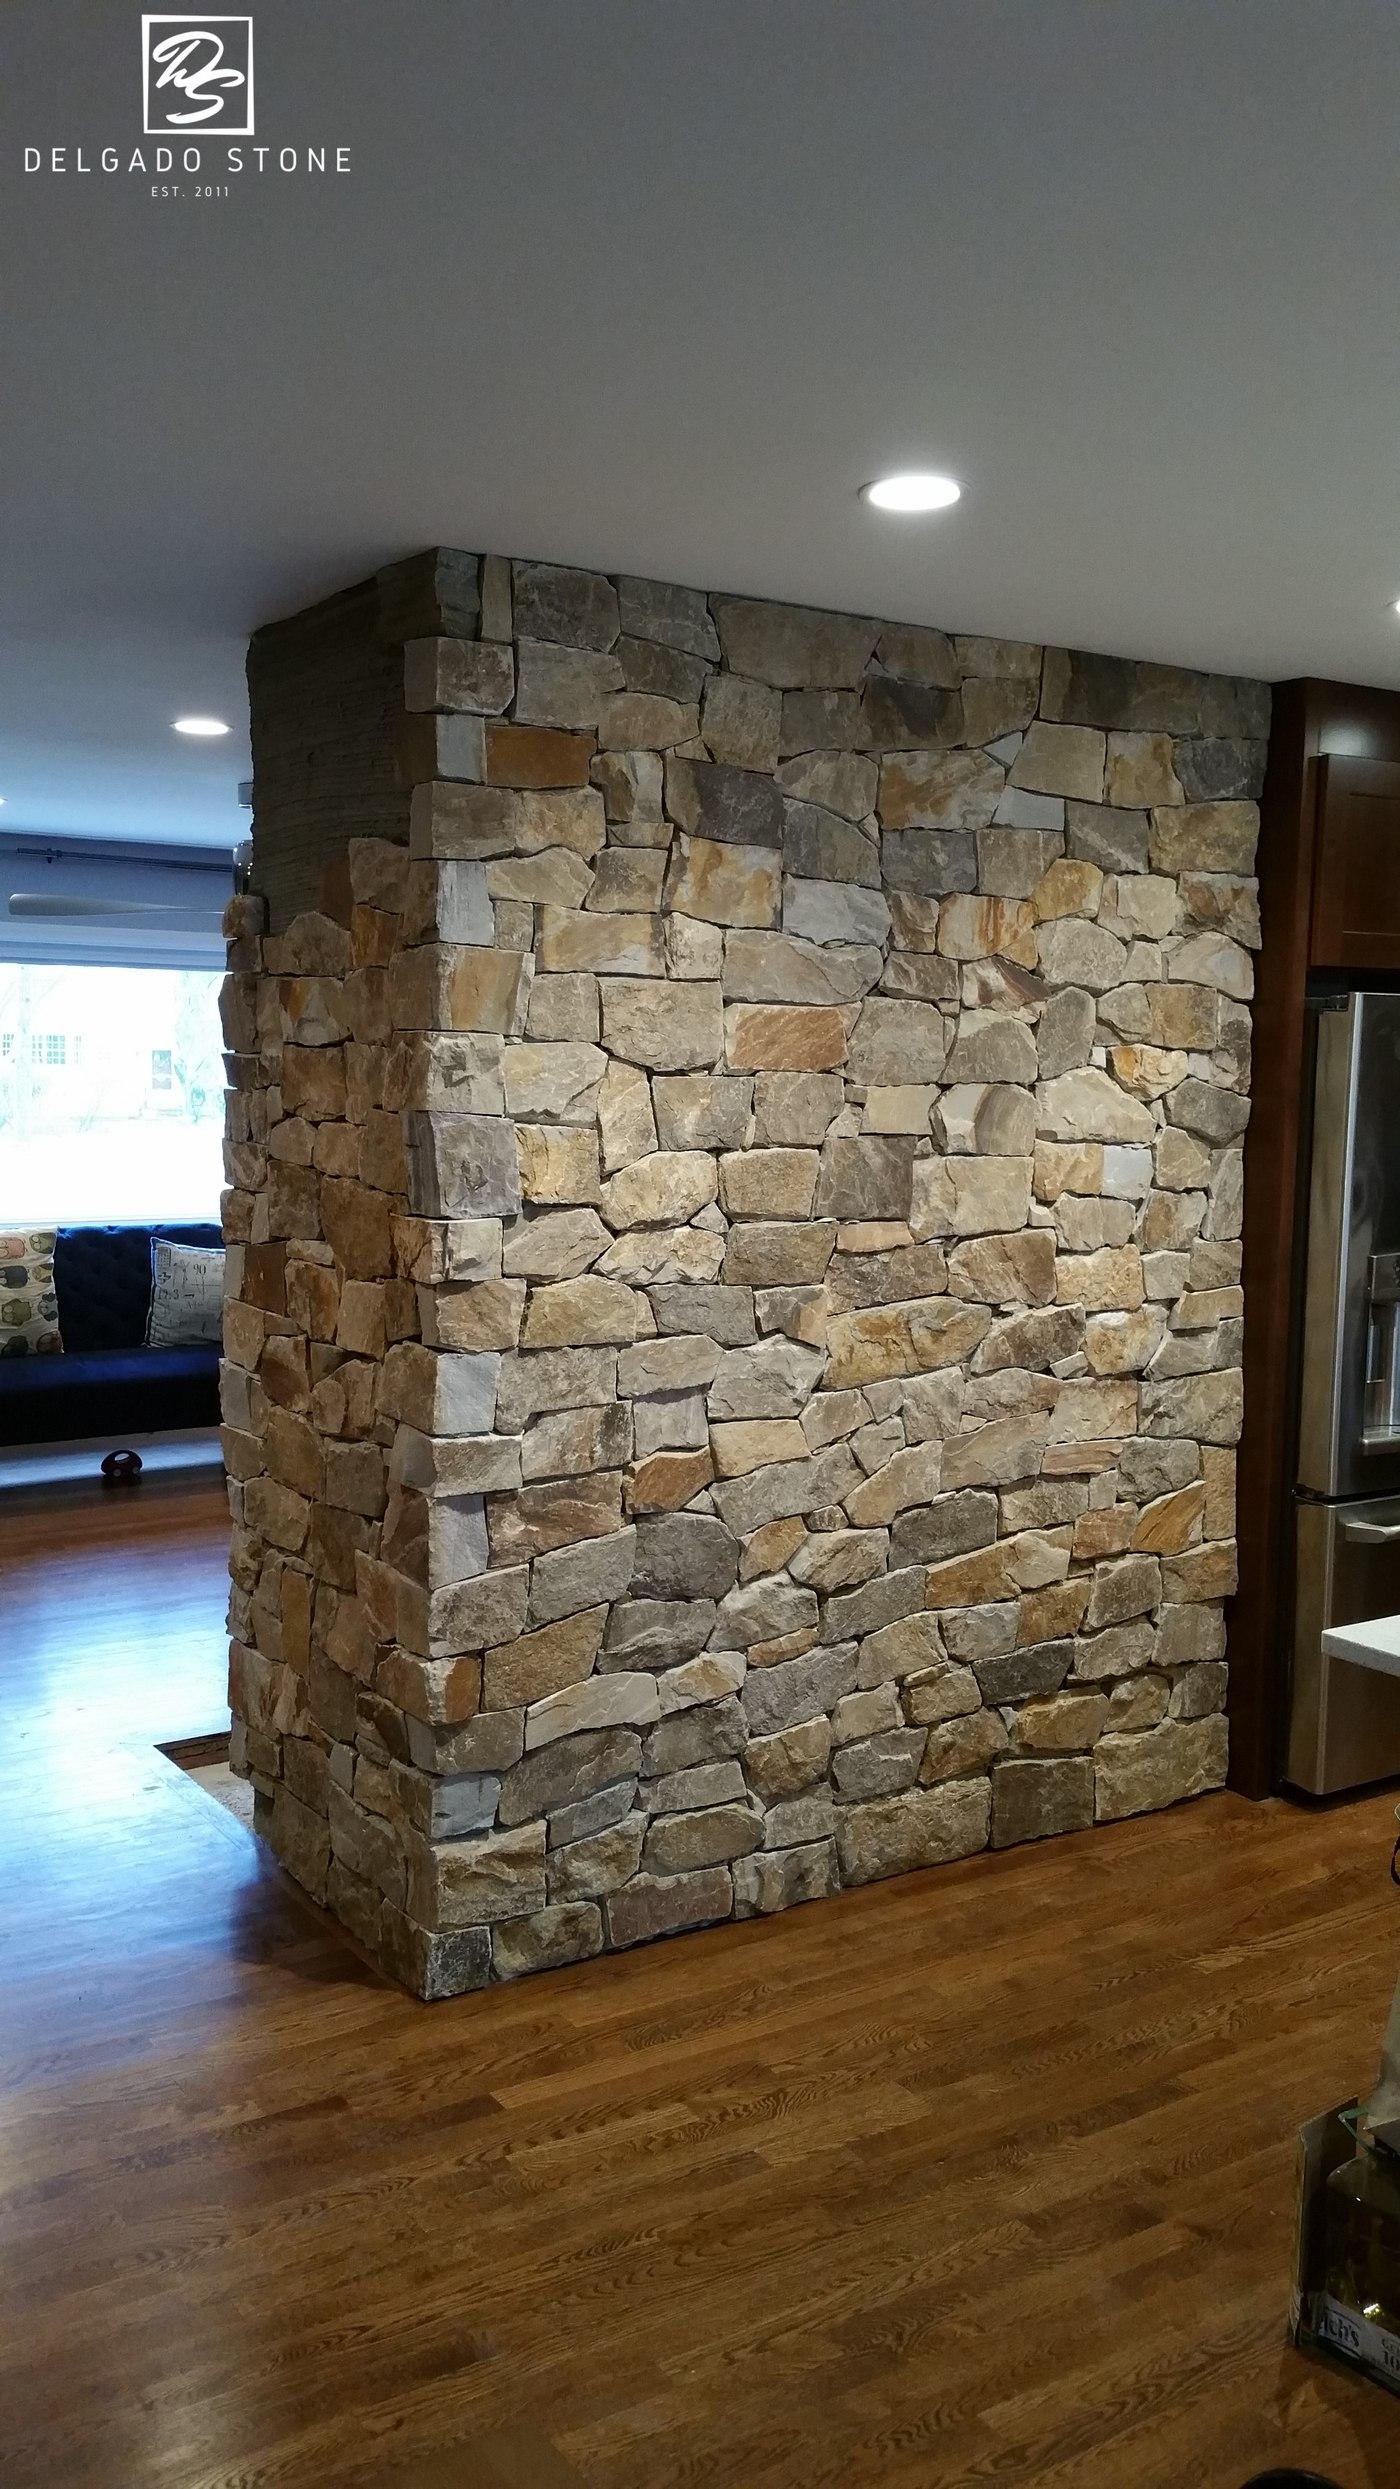 Colonial Tan Mosaic Natural Stone Wall